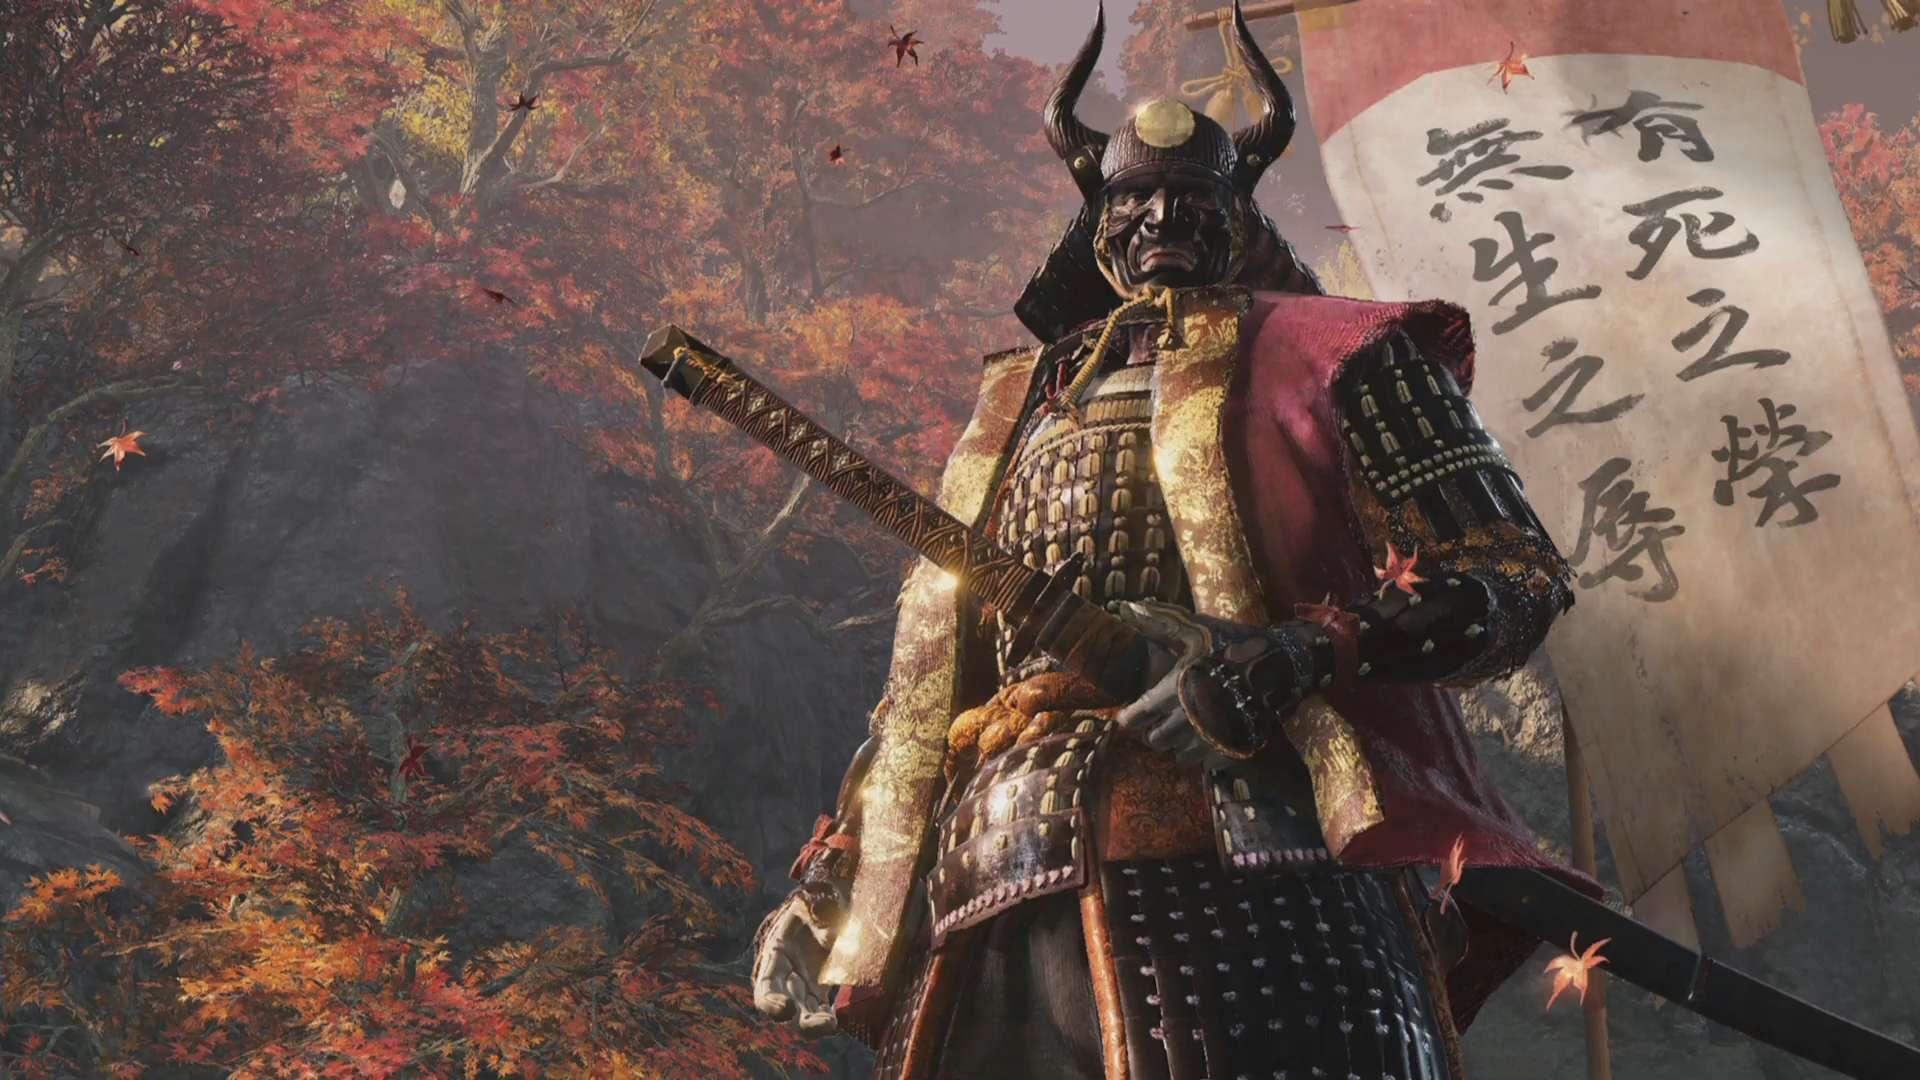 تهیه کننده Sekiro Shadows Die Twice: سیستم احیا در این بازی باعث آسان شدن آن نمیشود